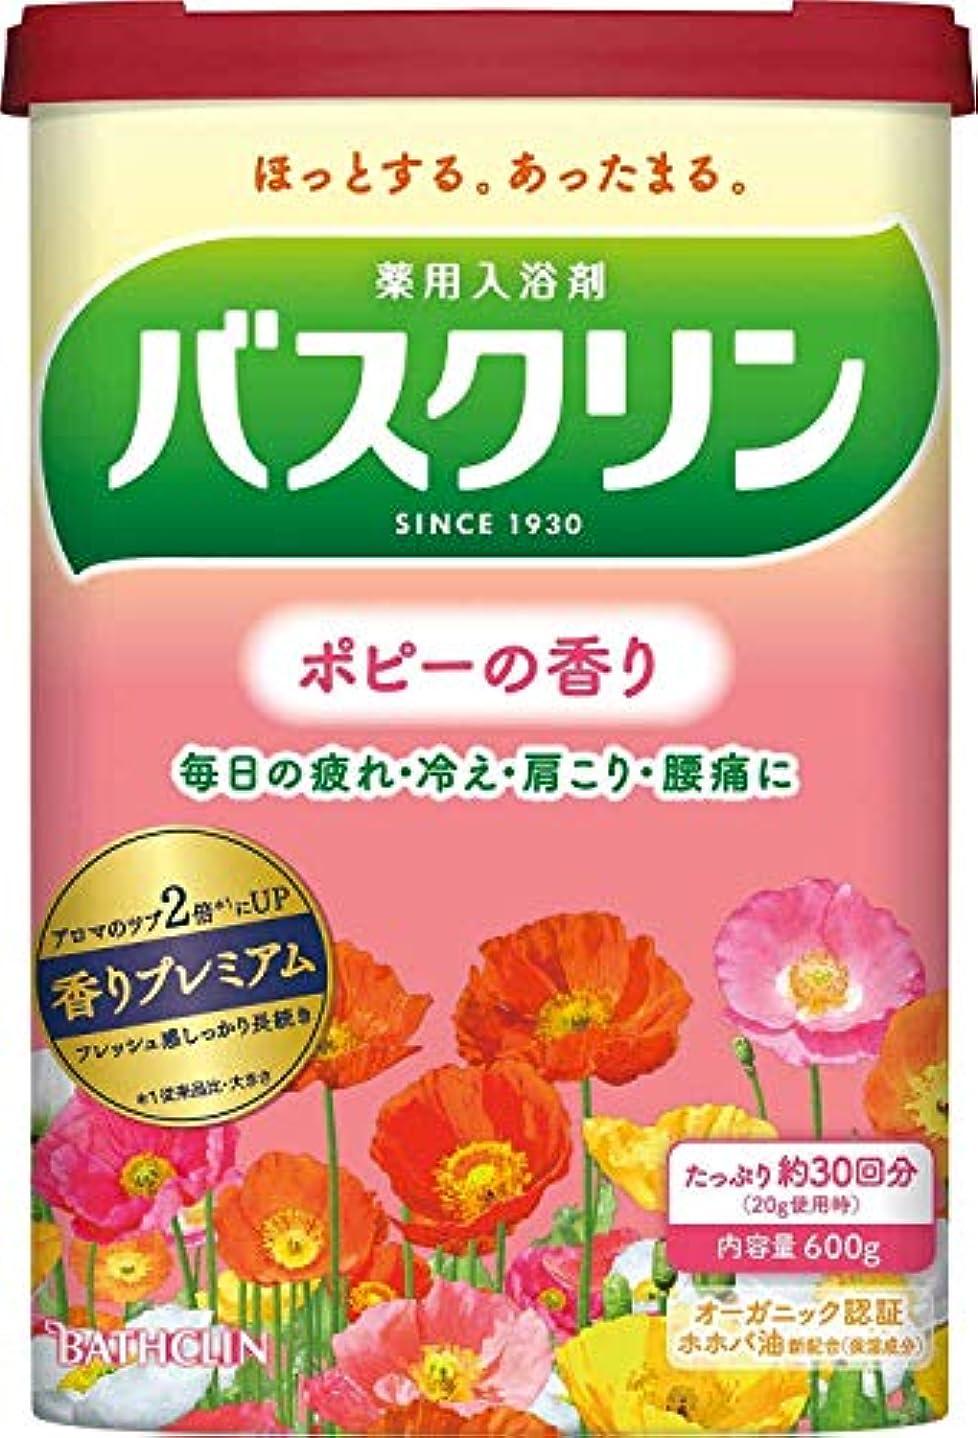 数値つぶやき自我【医薬部外品】バスクリンポピーの香り600g入浴剤(約30回分)